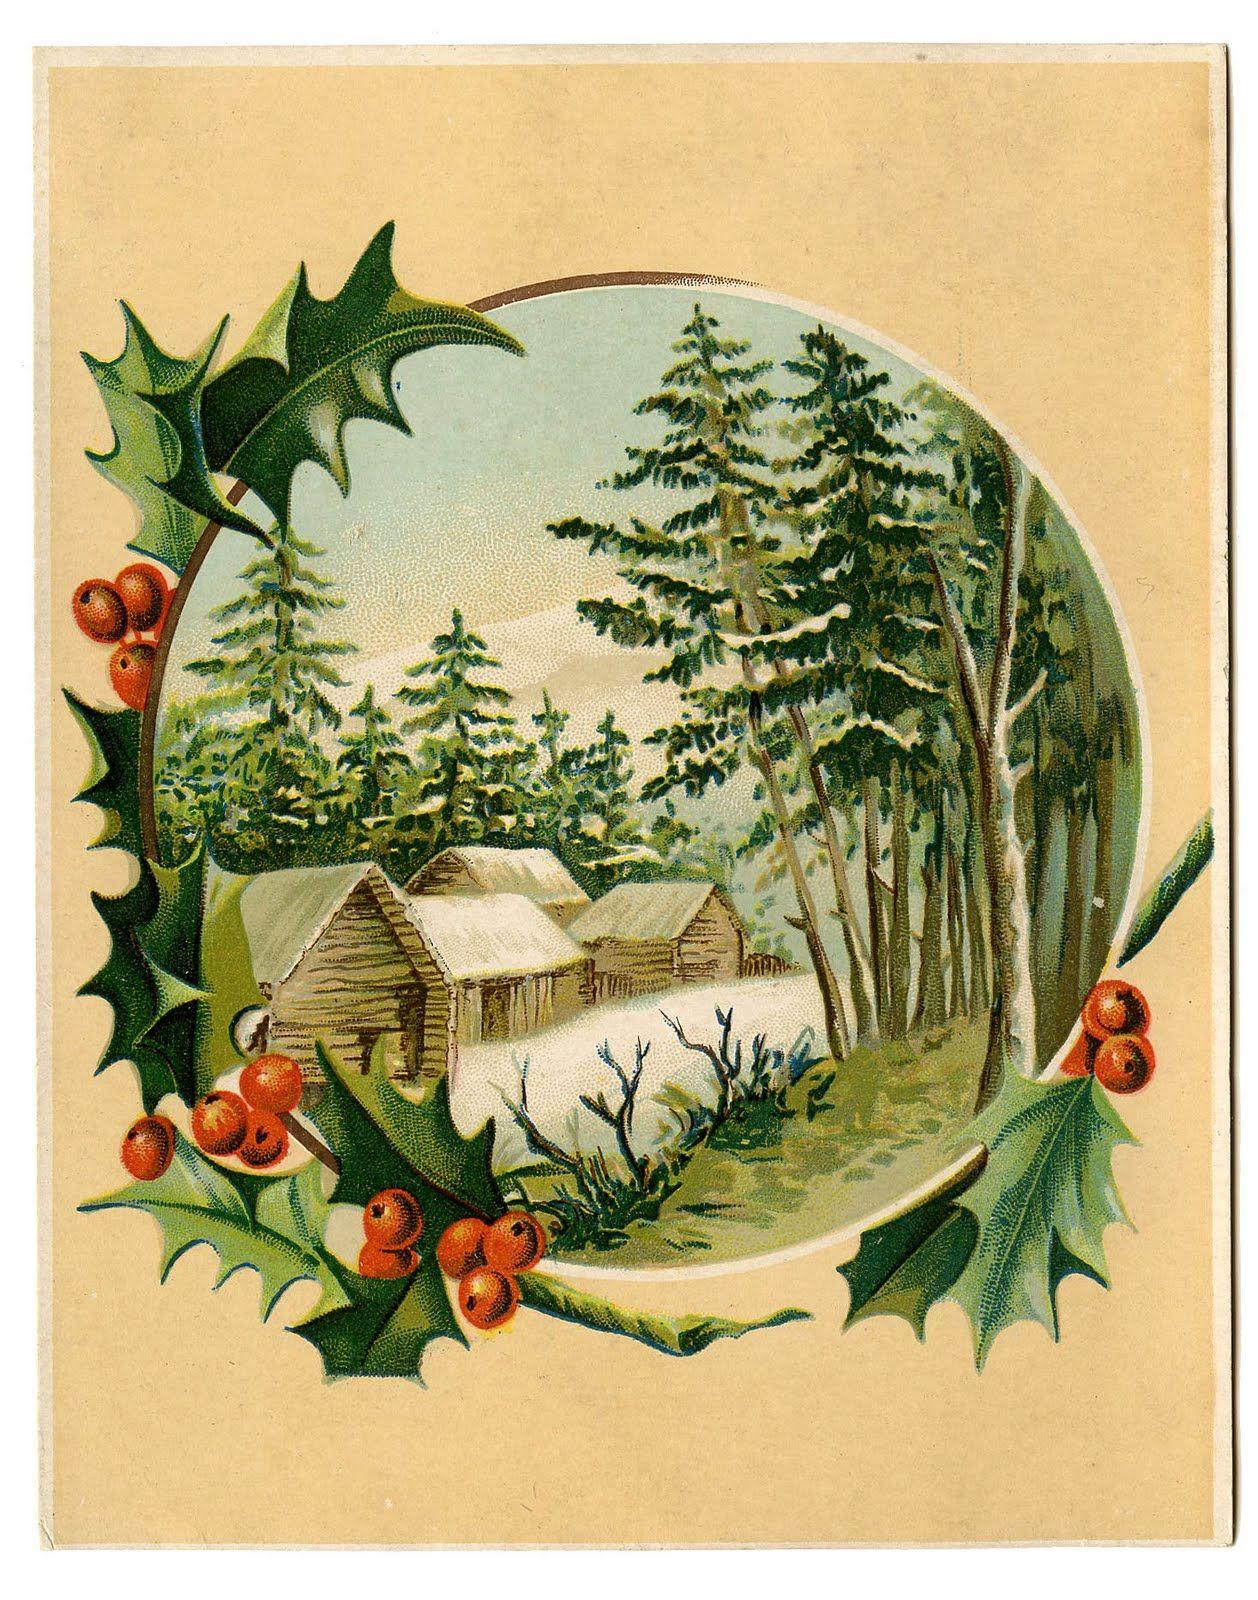 Vintage Christmas Clip Art - Poinsettias | The o'jays, Clip art ...